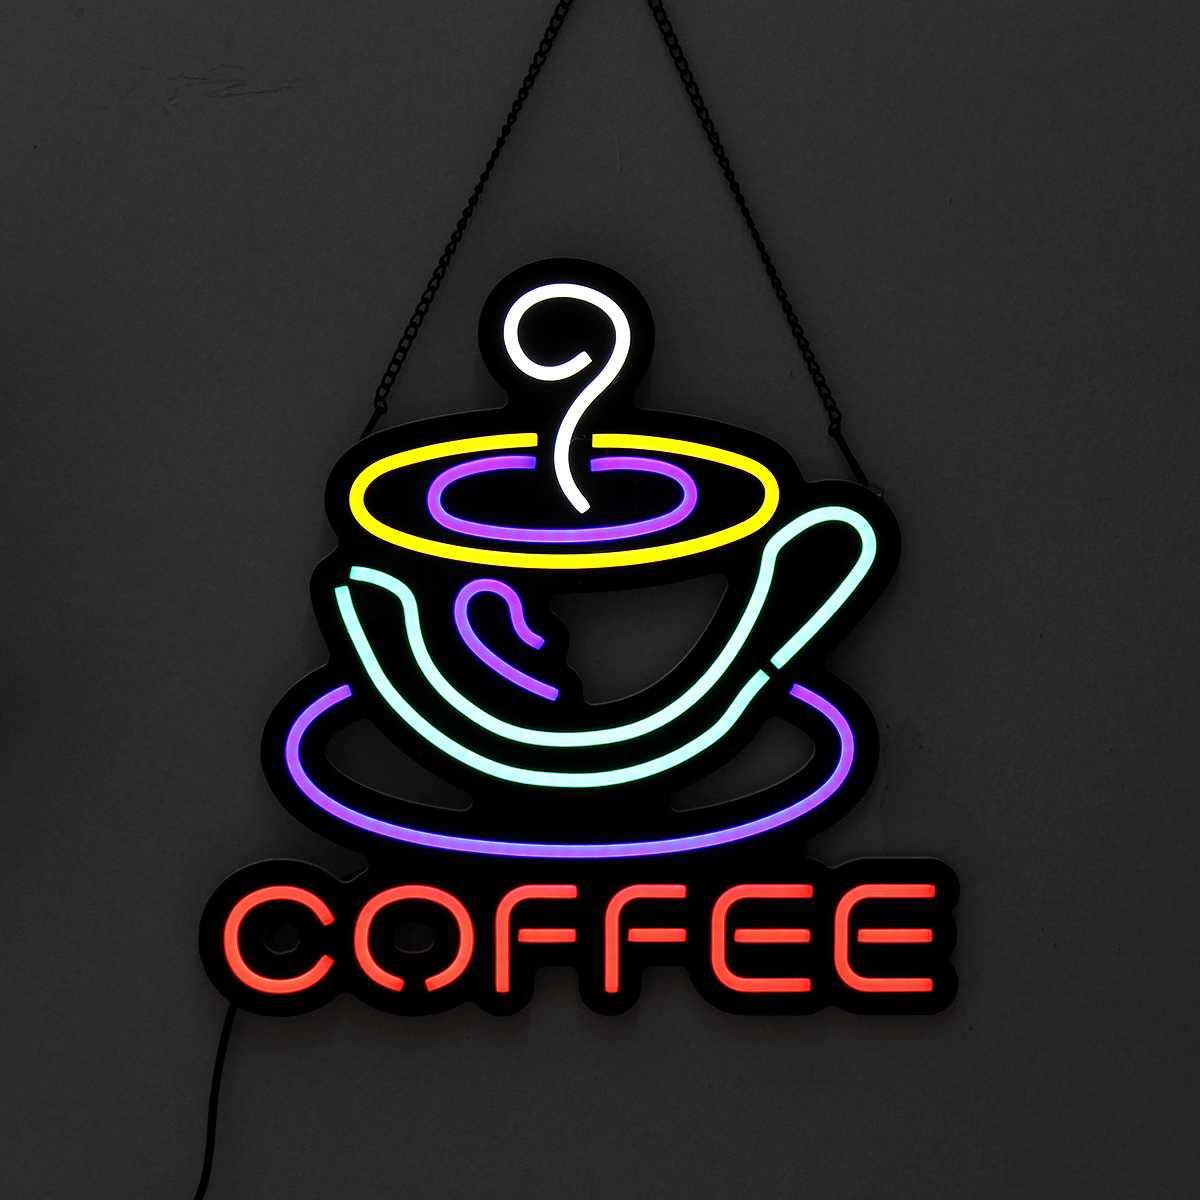 กาแฟ LED Neon Sign Light แขวนบาร์ภาพงานศิลปะโคมไฟตกแต่งโคมไฟเชิงพาณิชย์หลอดไฟนีออน AC110-240V